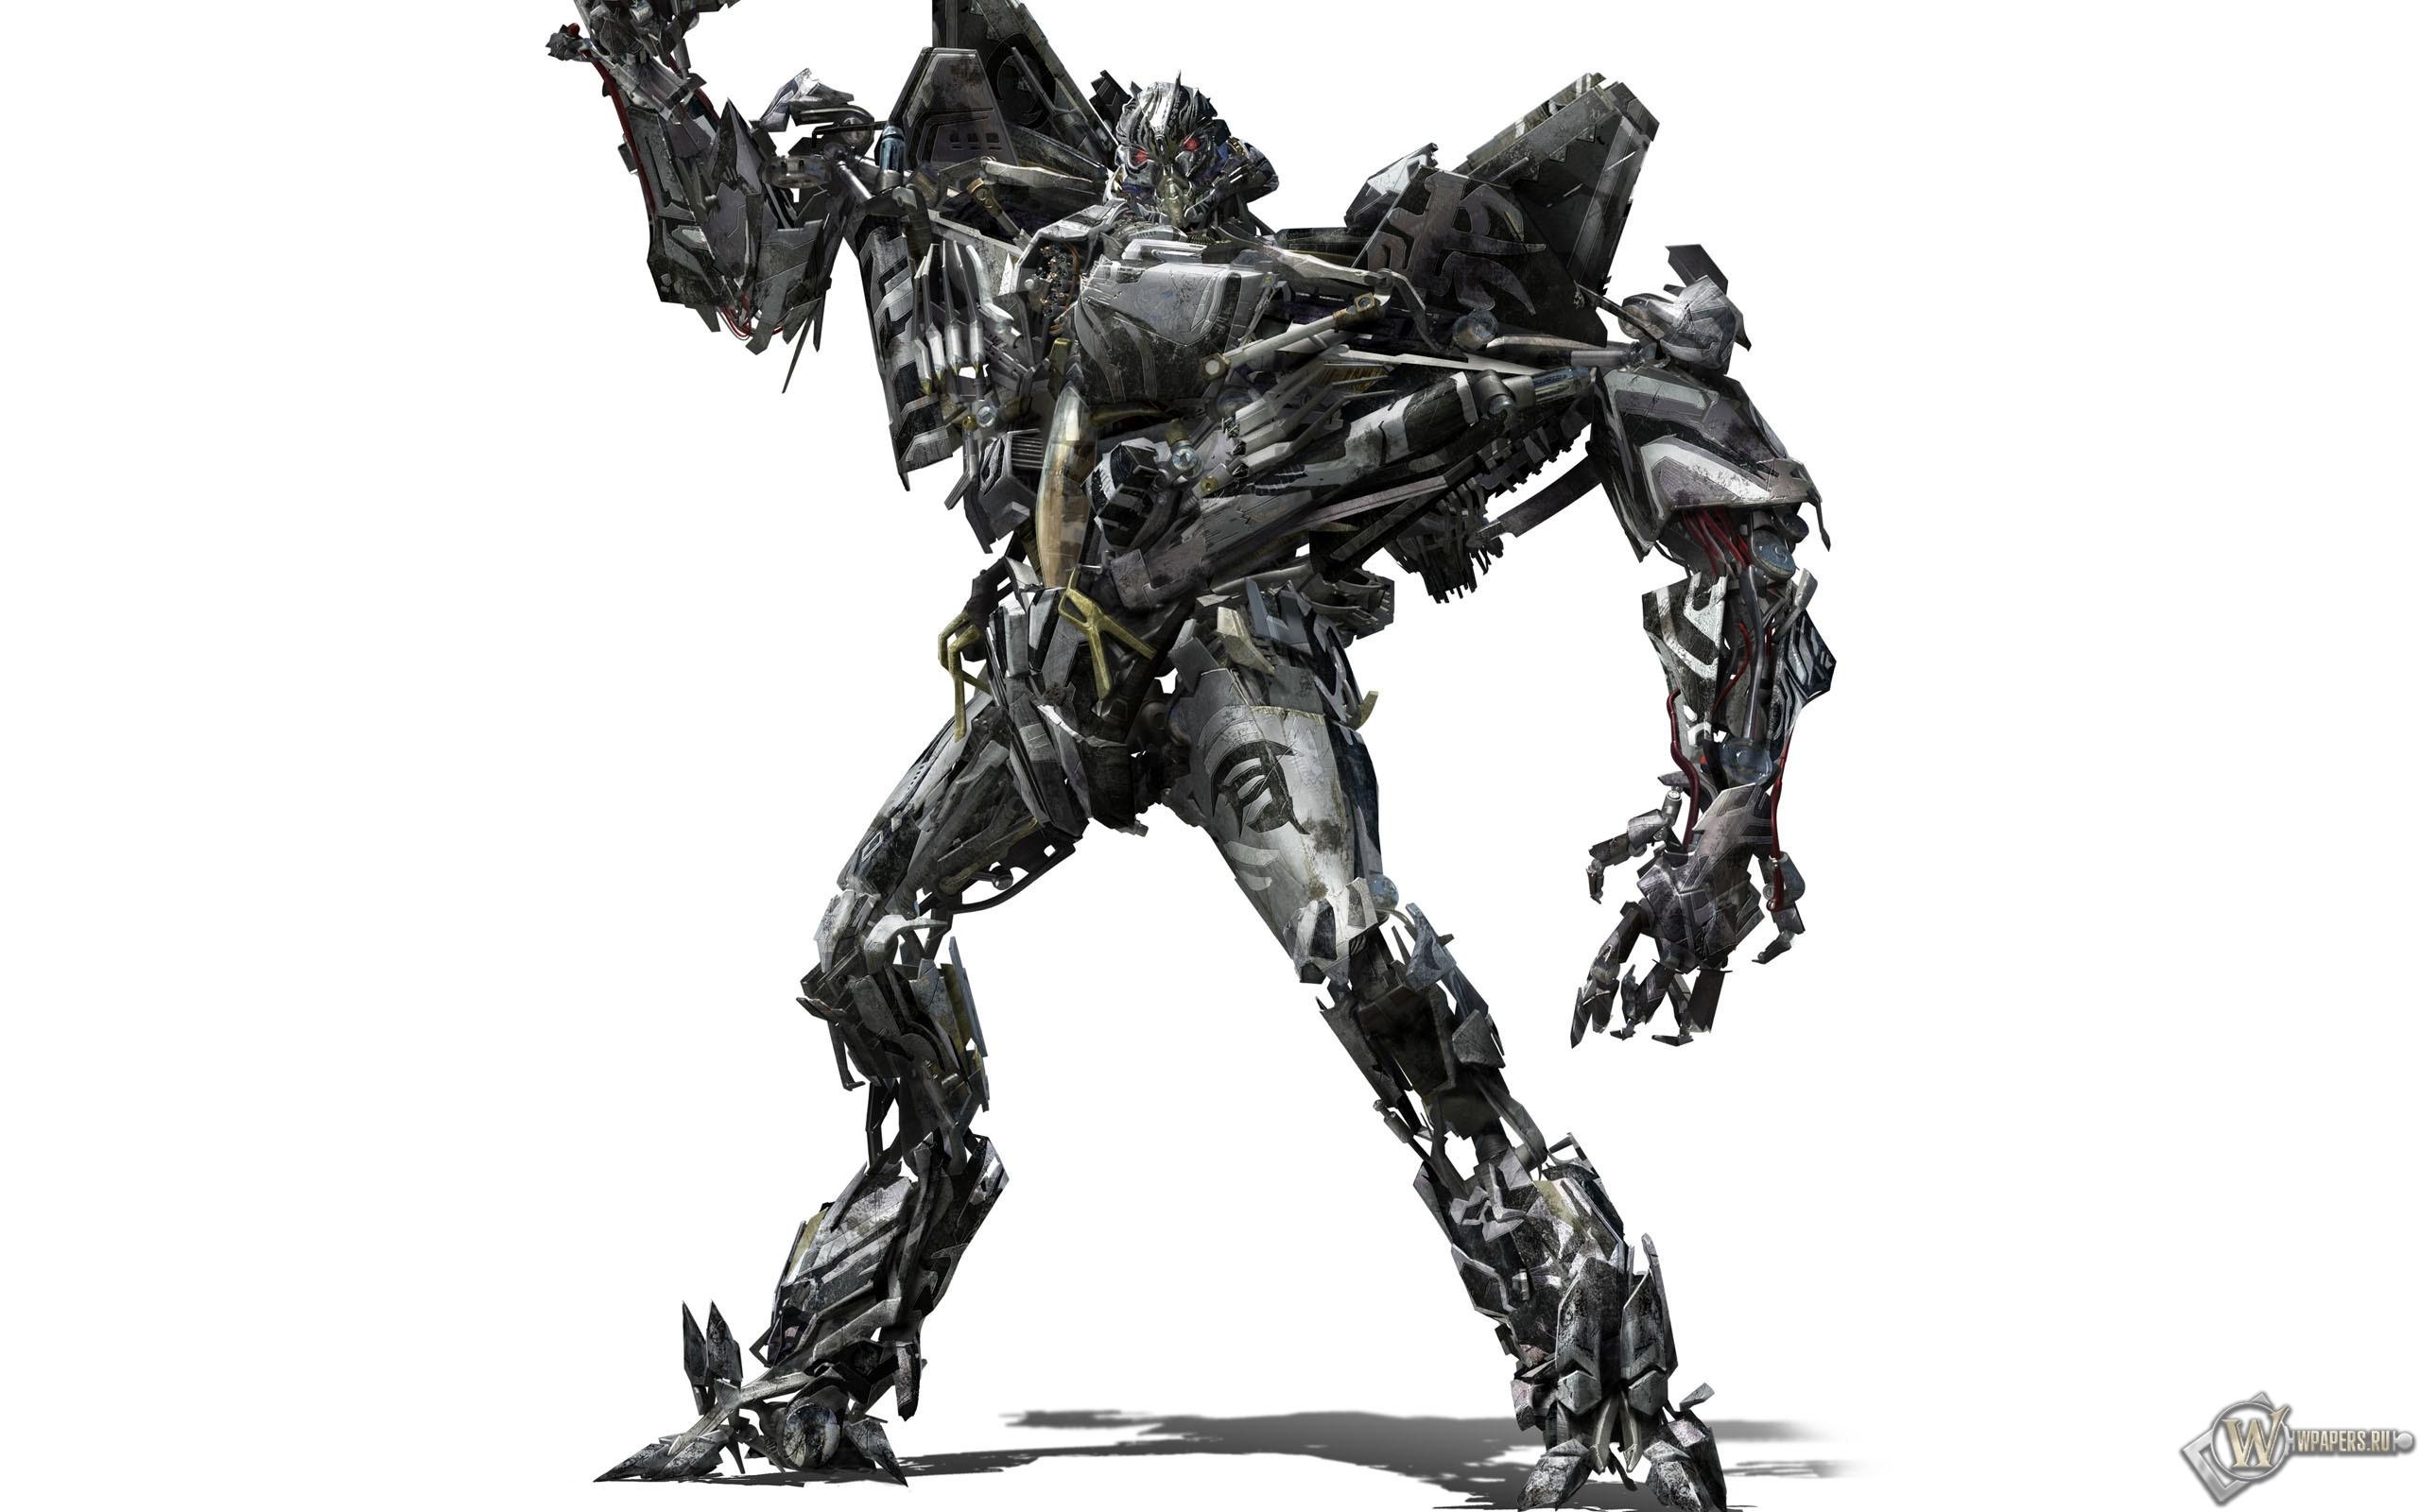 Робот трансформер десептикон 2560x1600